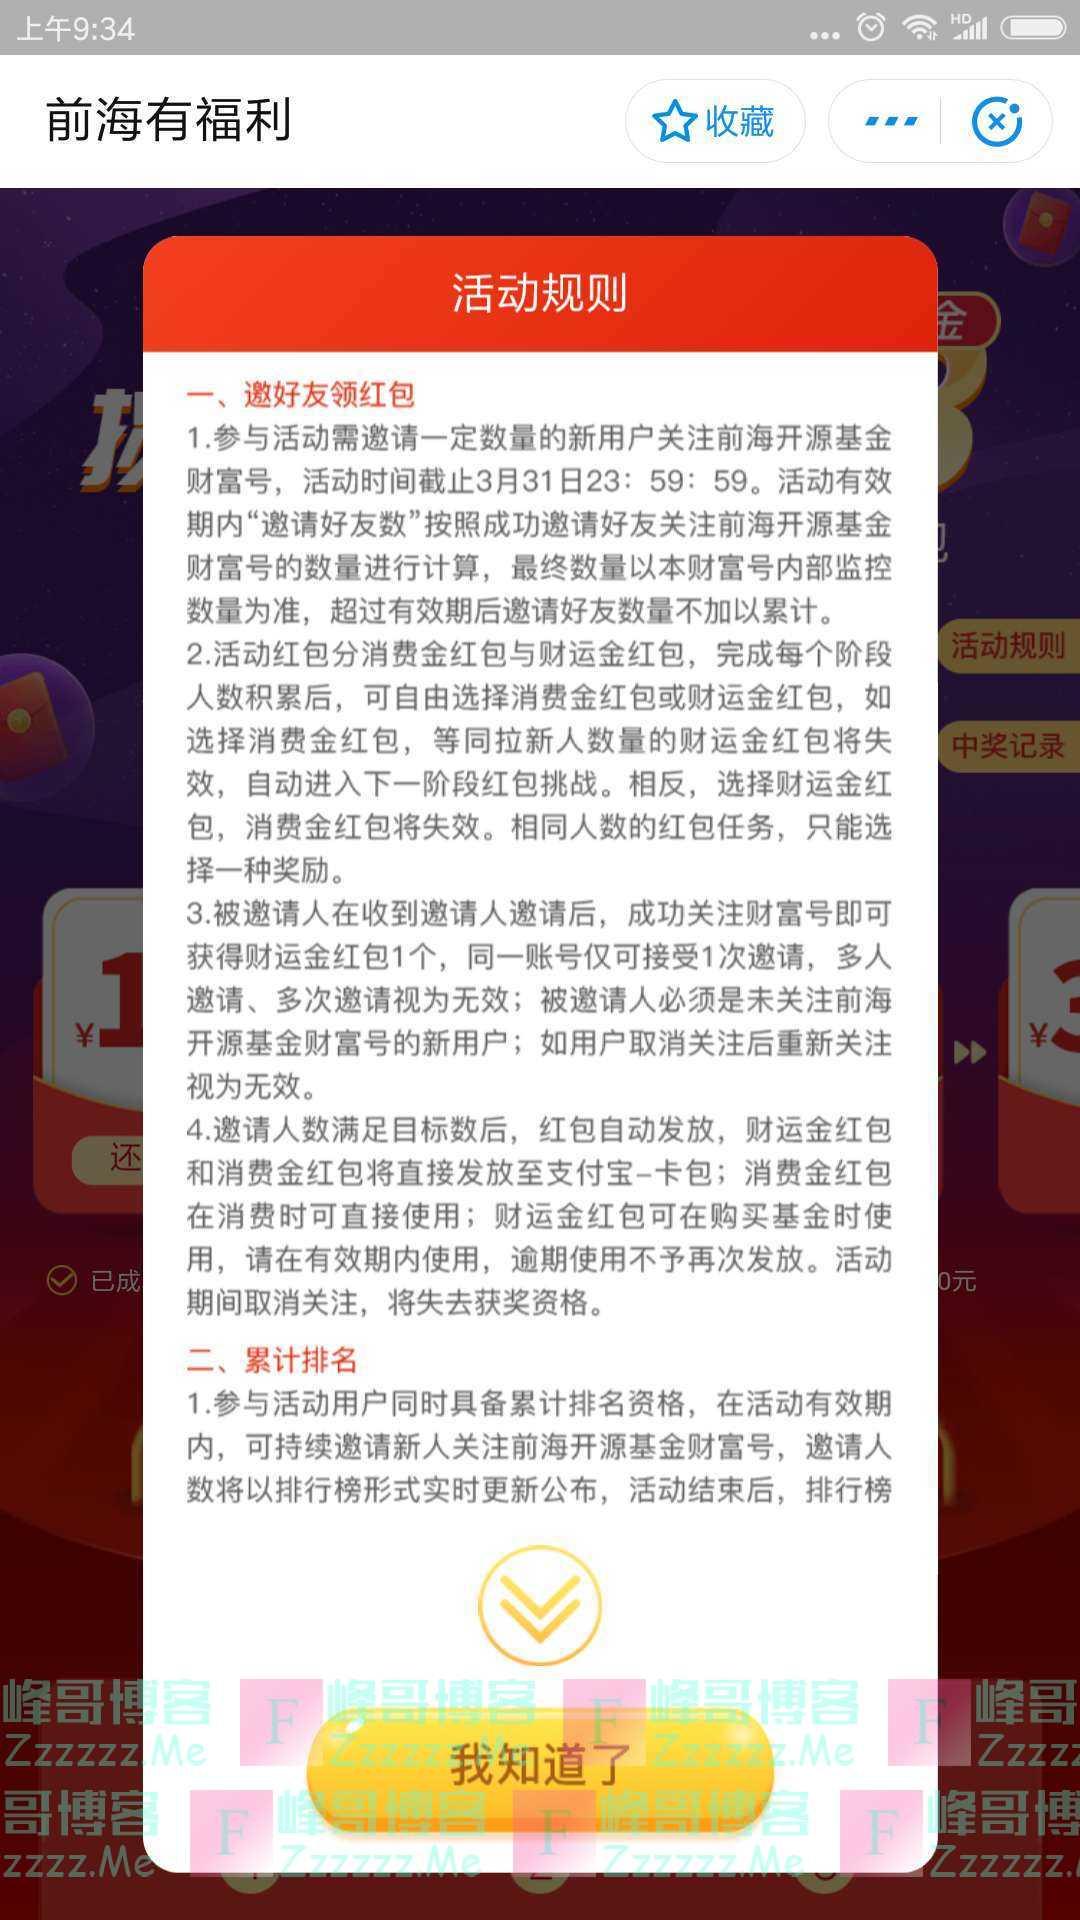 前海开源基金邀新关注领2888元红包(截止3月31日)